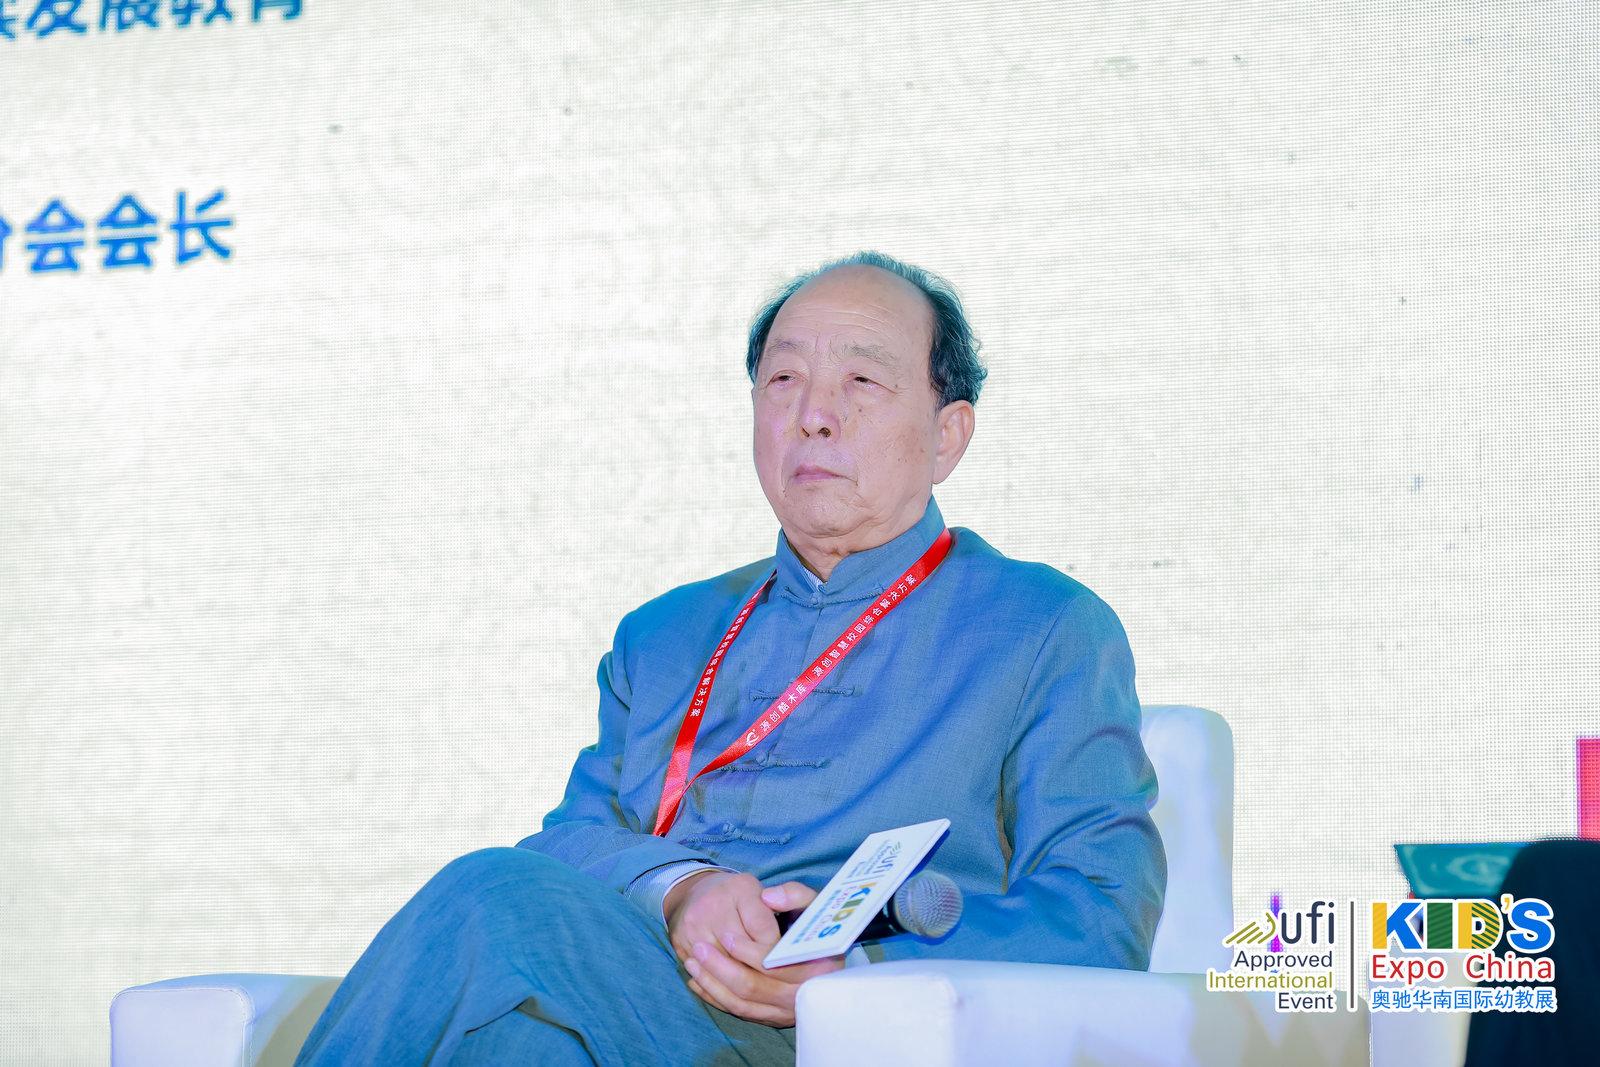 沙龙讨论:幼教三人行9